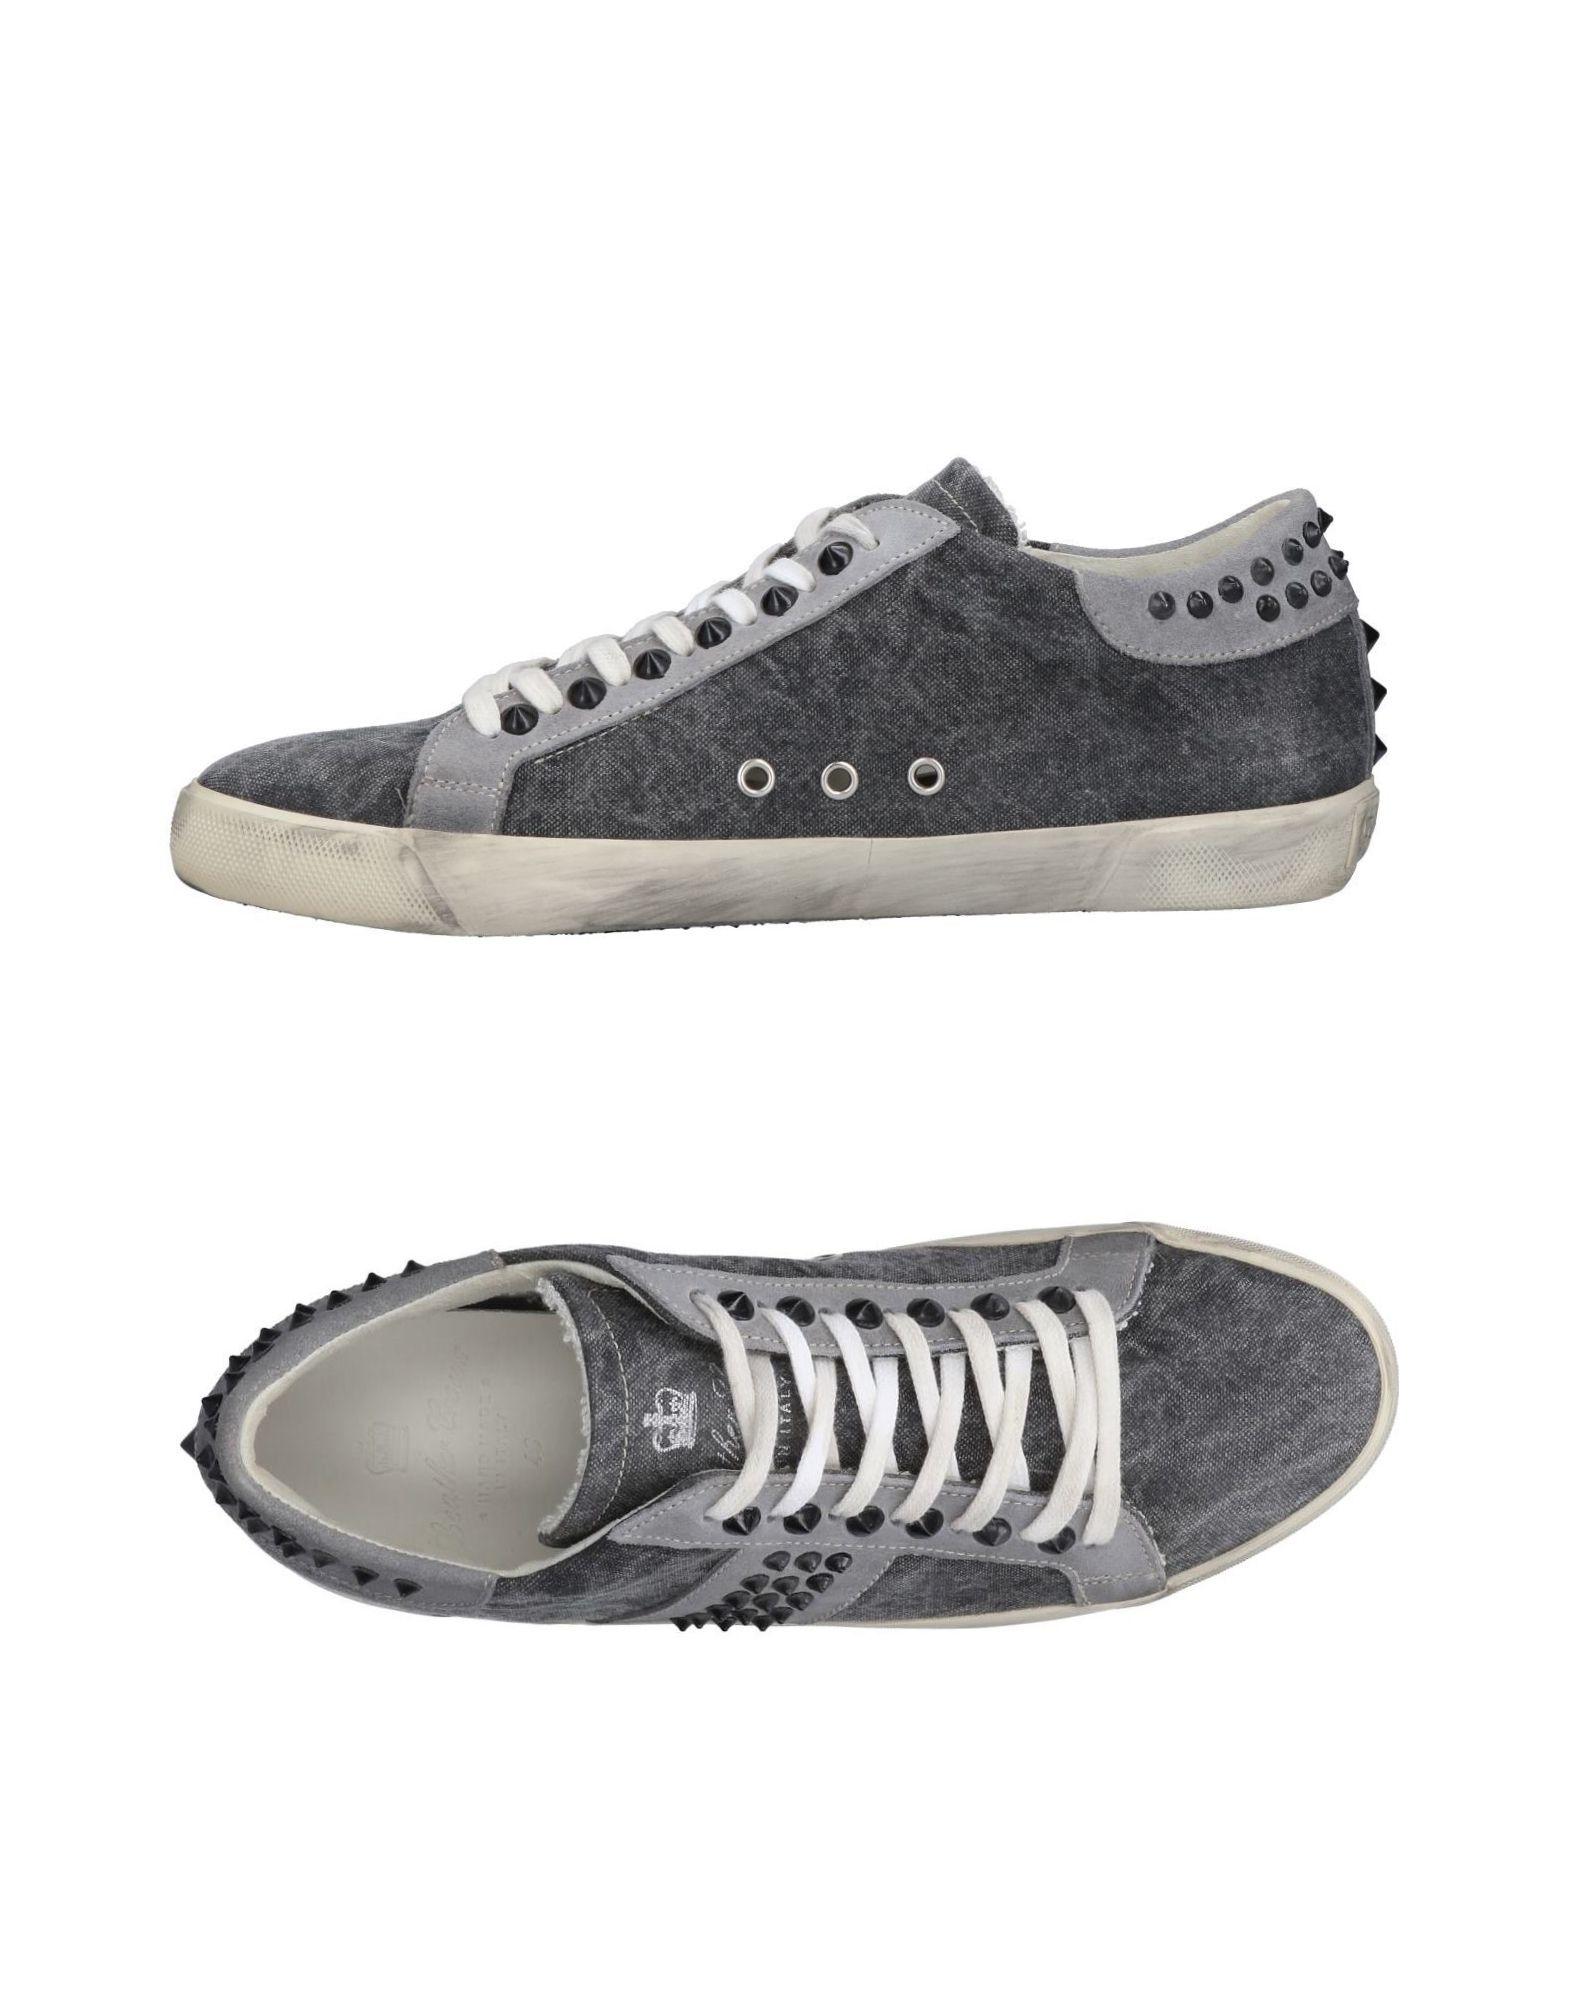 Rabatt Crown echte Schuhe Leather Crown Rabatt Sneakers Herren  11501376CW 7a0af1